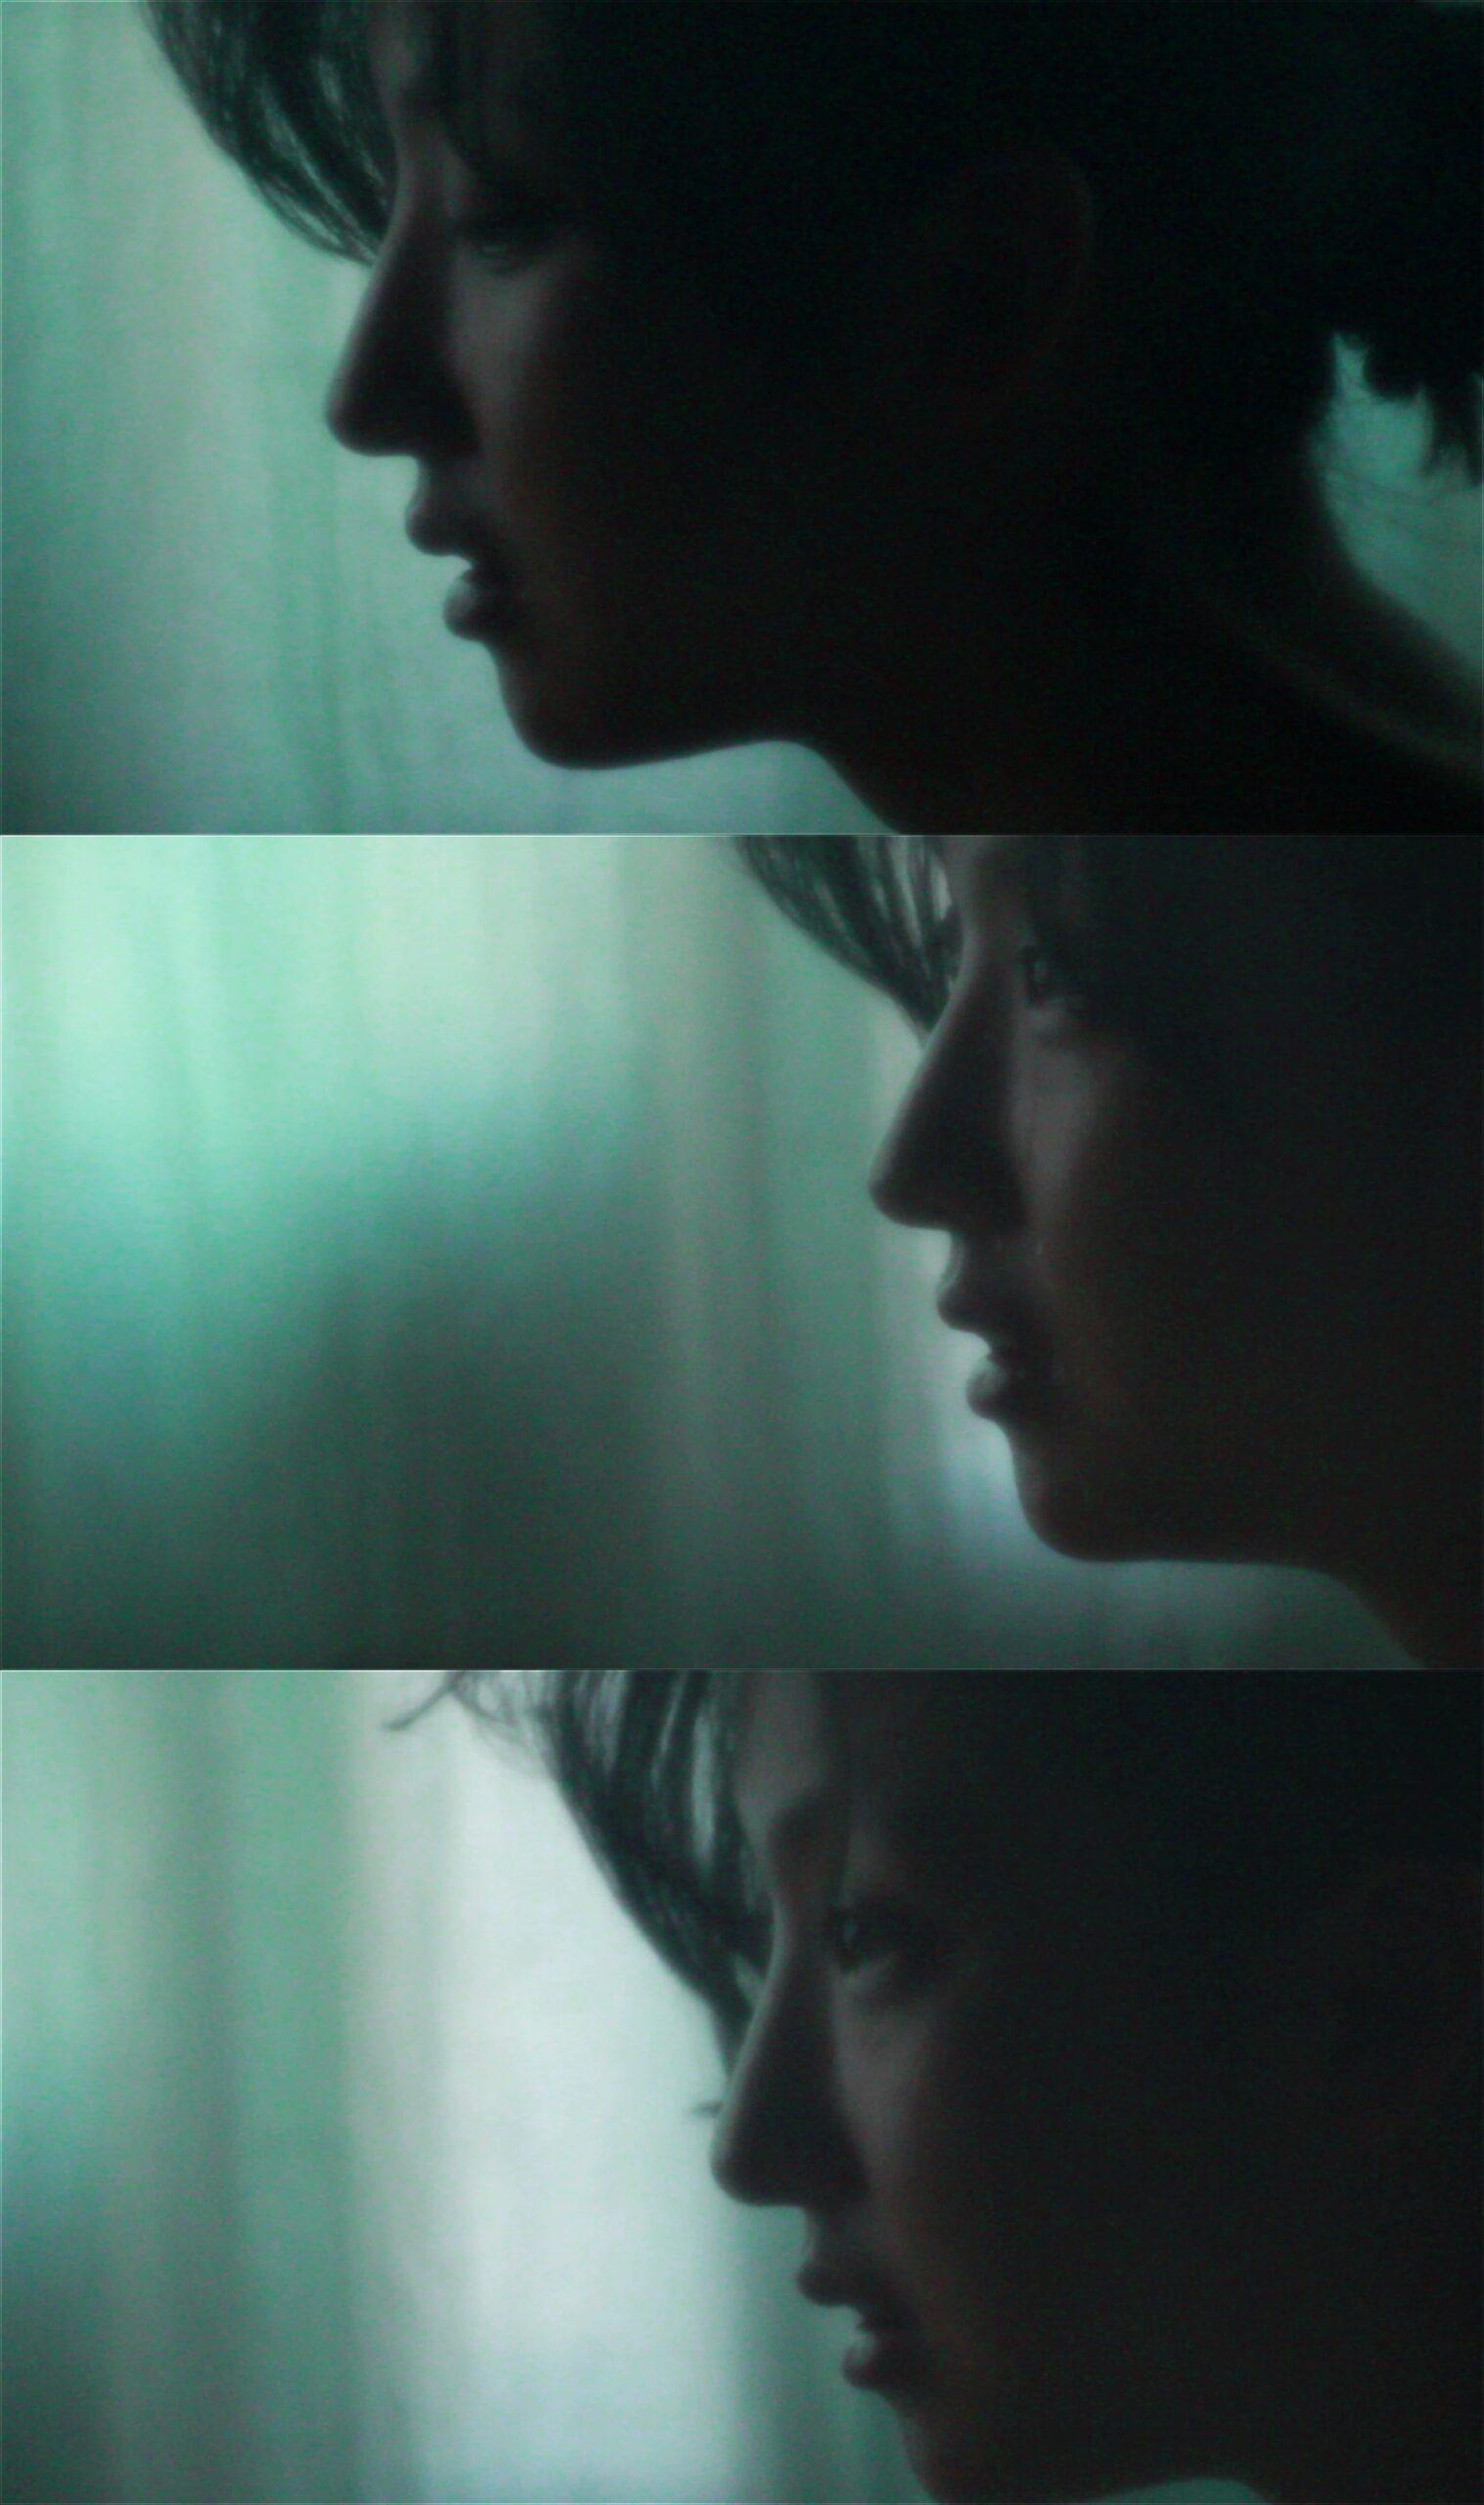 8. Yeon Yeji photo 1